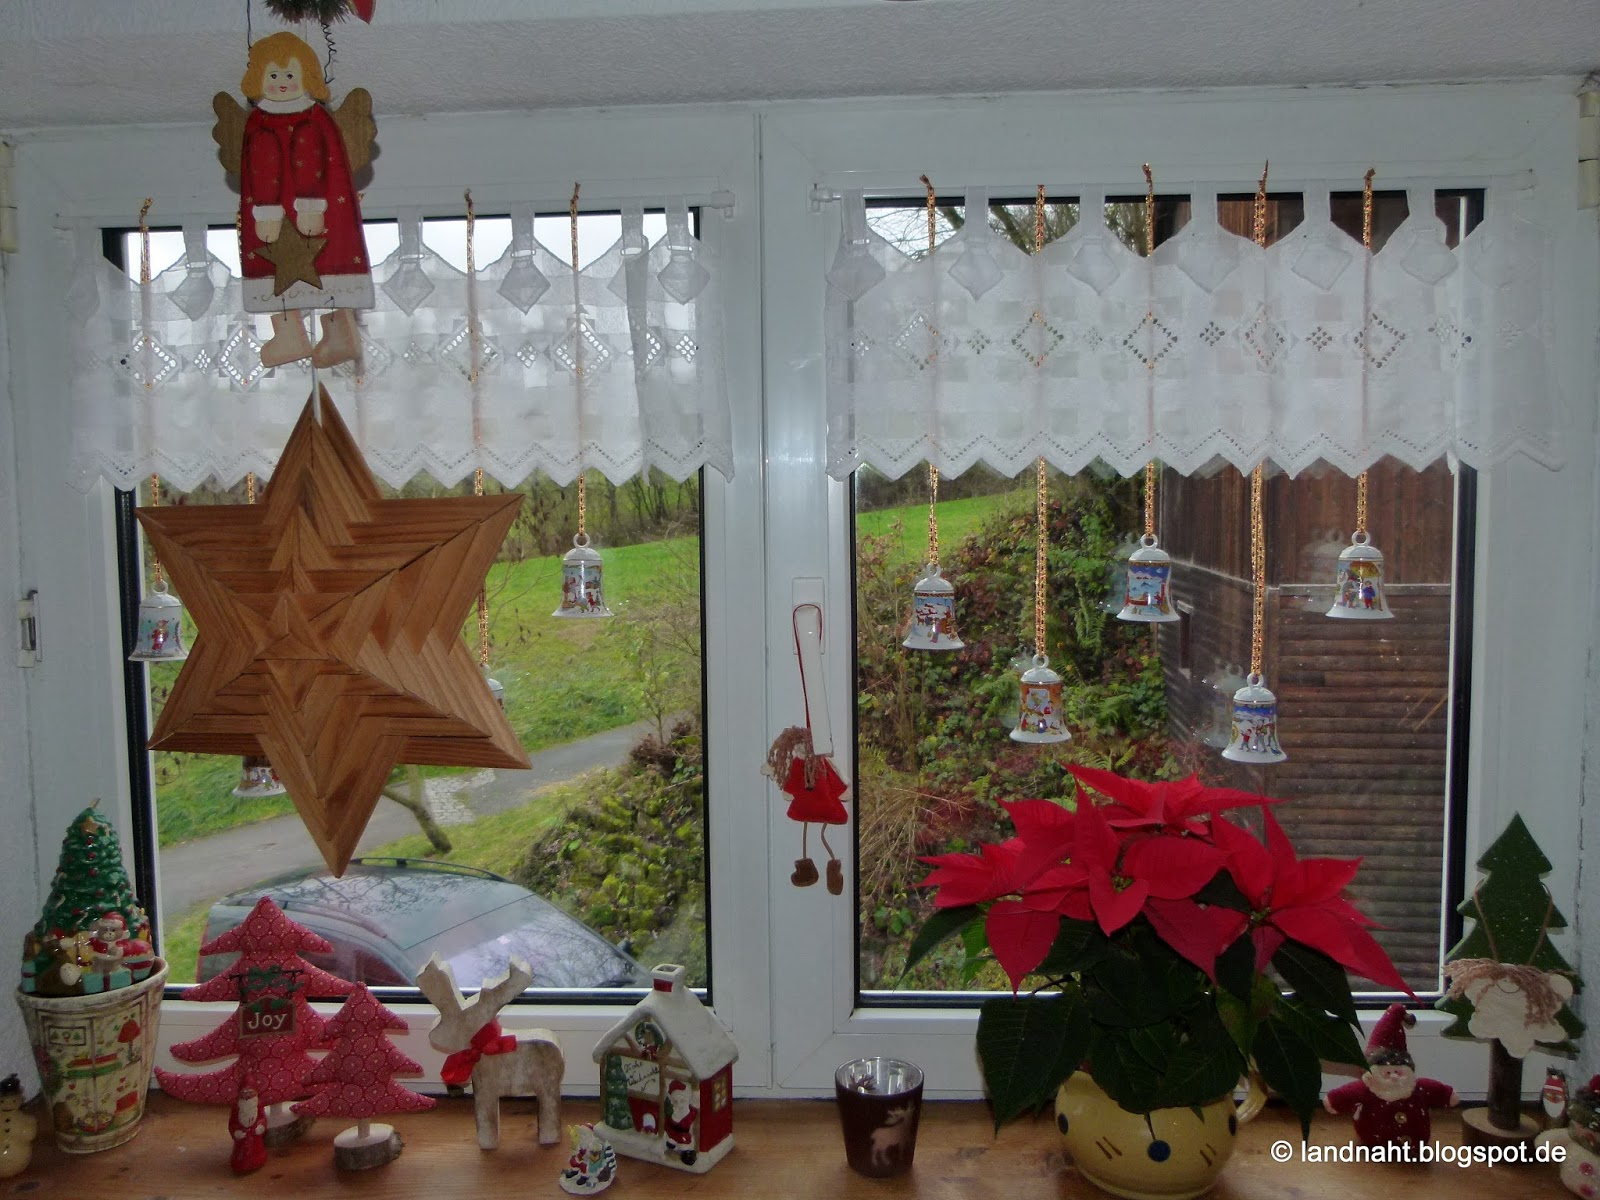 Schöner Wohnen Weihnachtsdeko.Landnaht Schöner Wohnen Im Advent